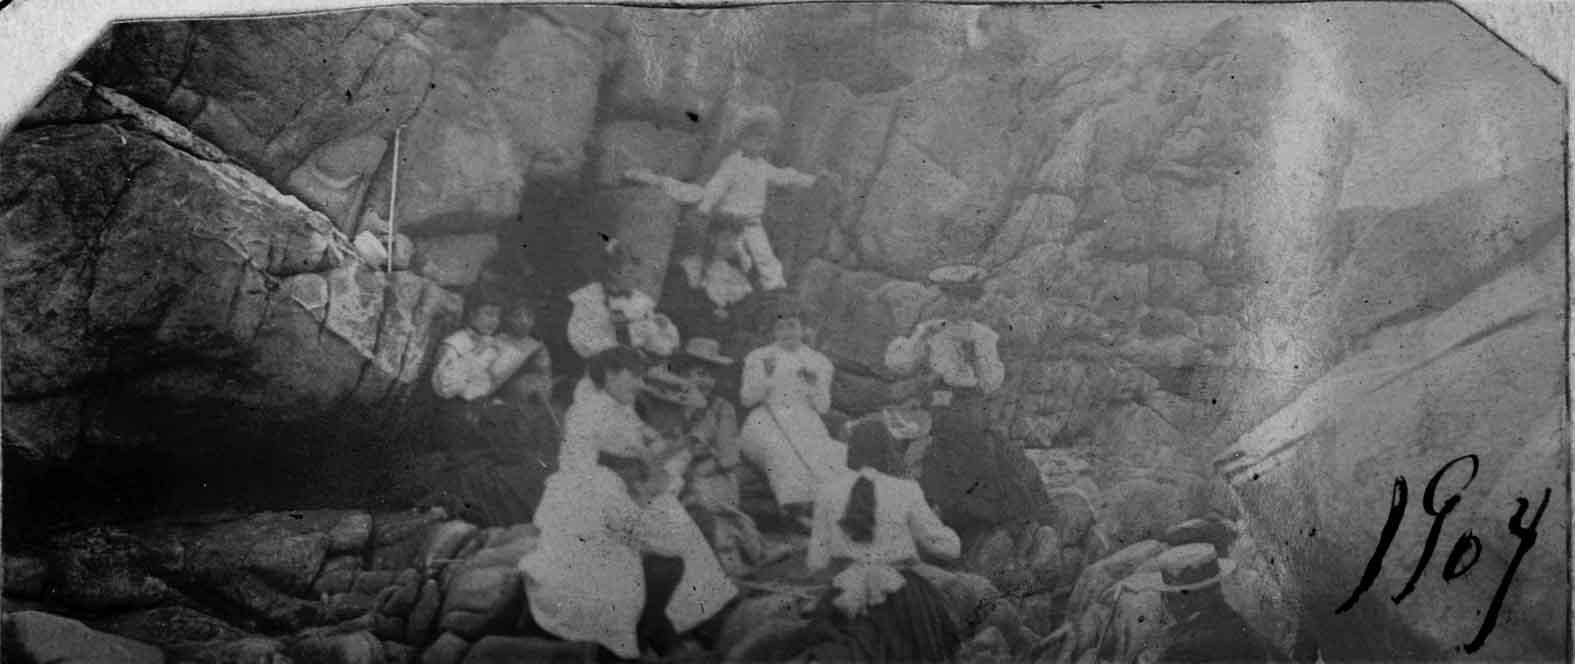 Enterreno - Fotos históricas de chile - fotos antiguas de Chile - Rocas de Zapallar en 1905